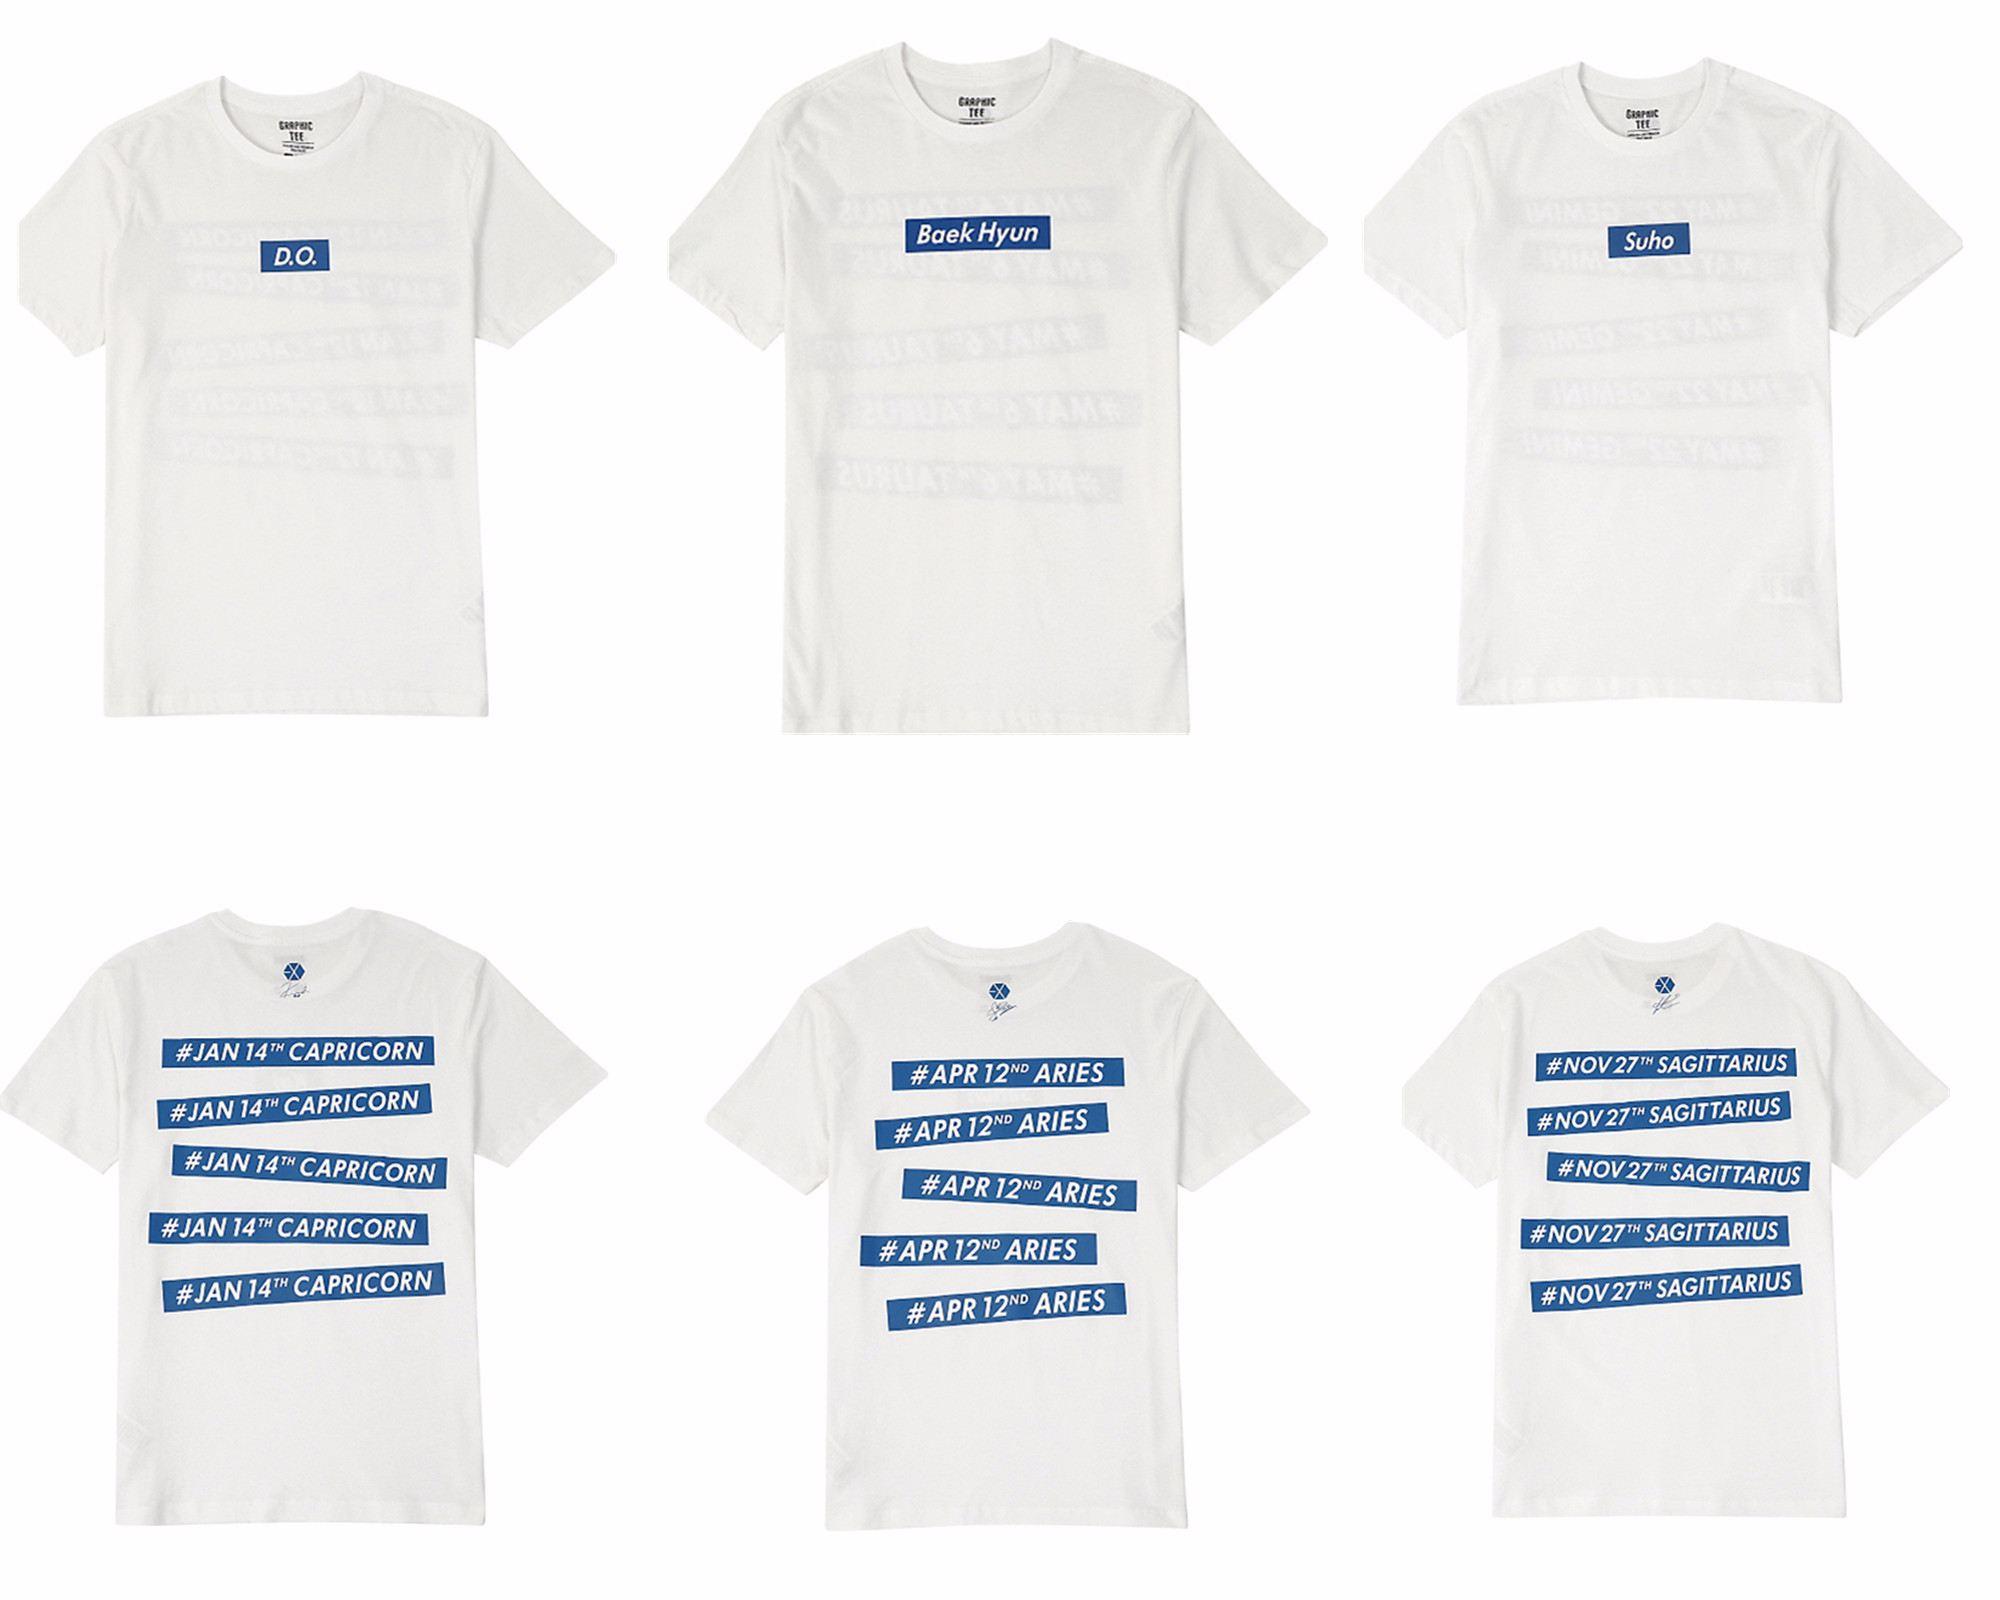 白色款正面是各成員的名字,背面是EXO LOGO、成員的簽名印圖、星座和生日,簡單的藍白拼色設計,非常符合夏天的氣氛。